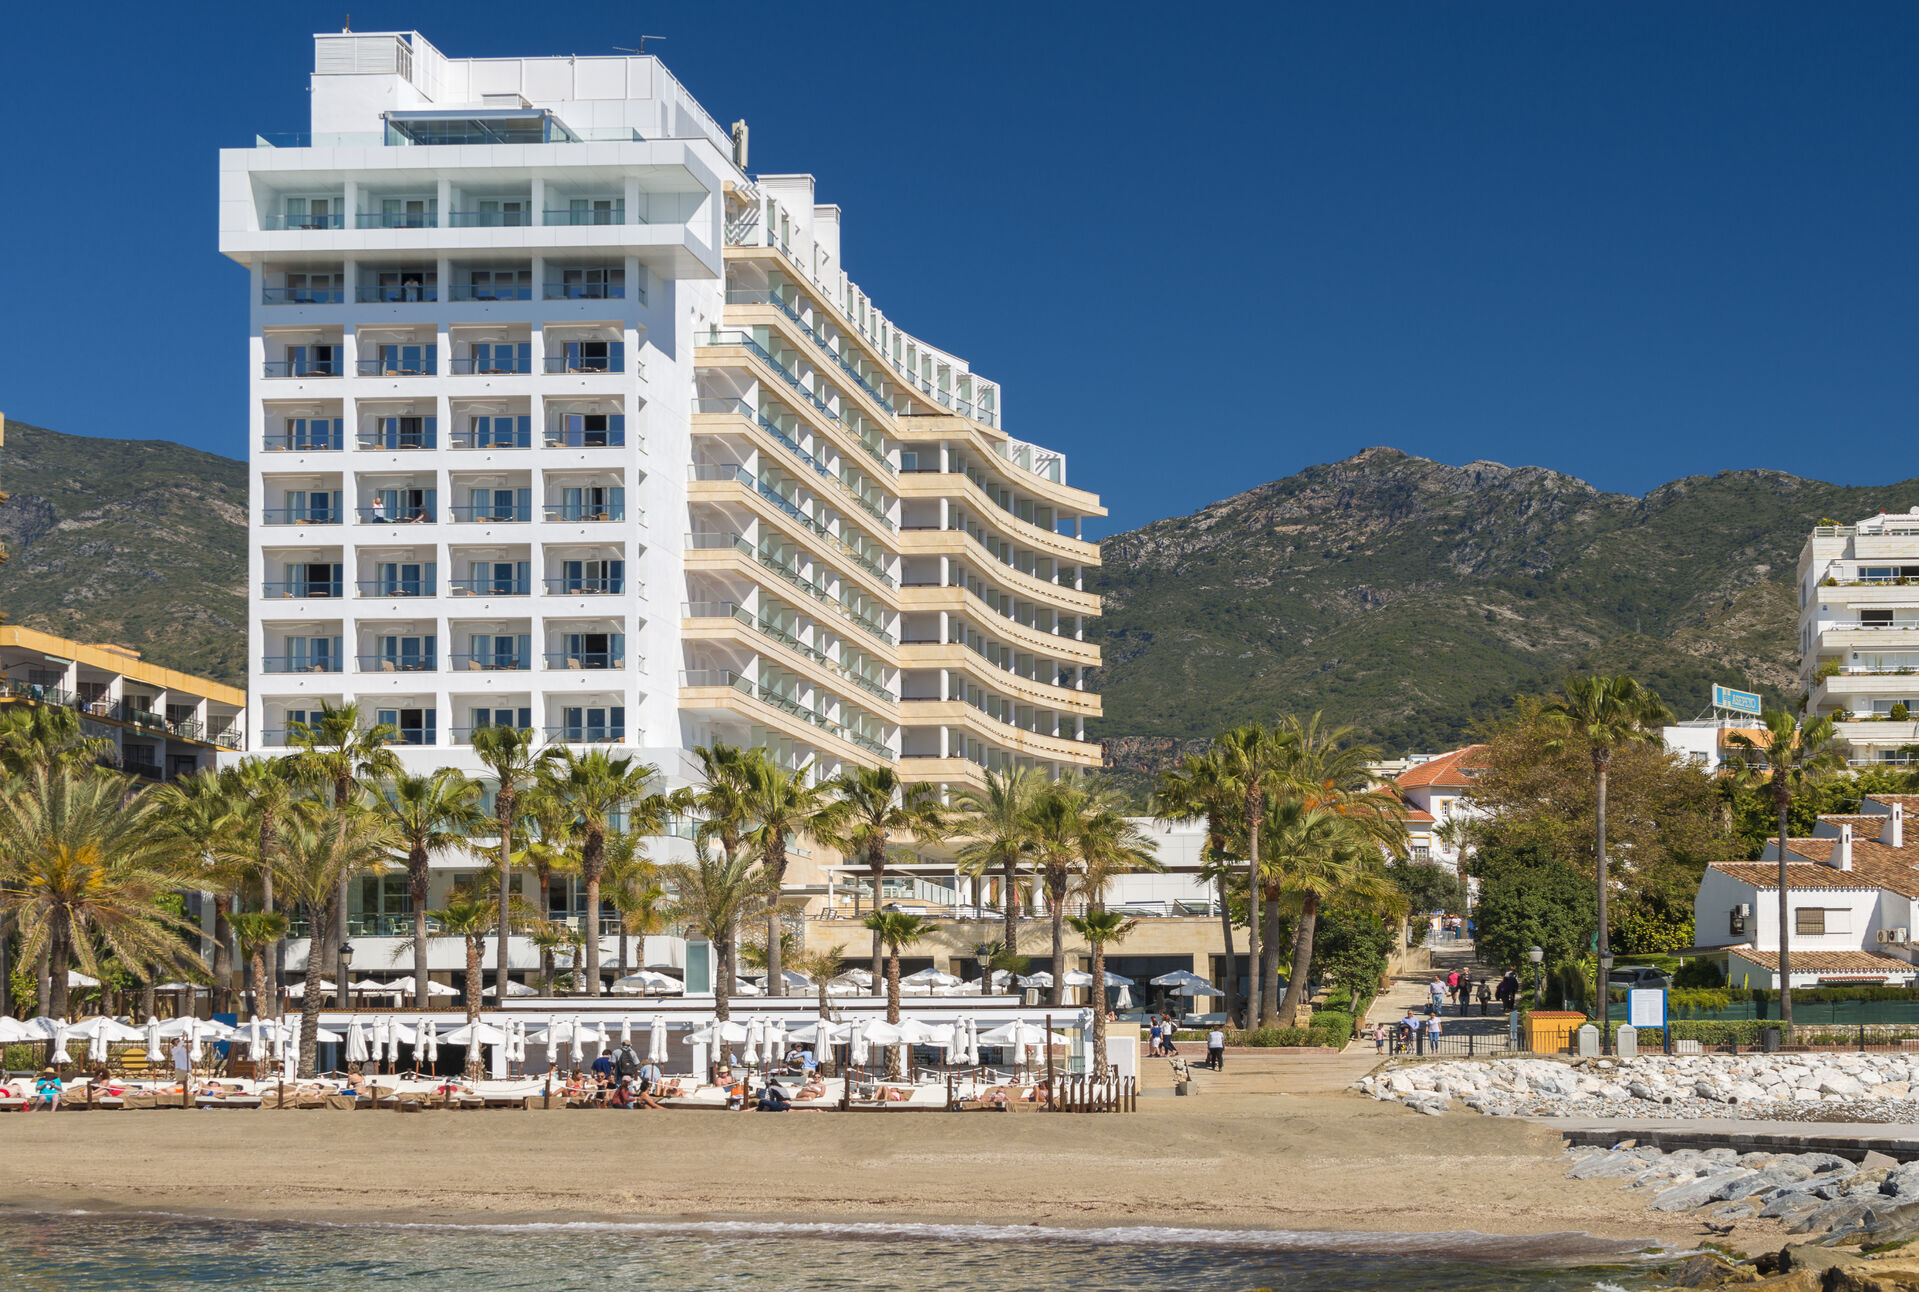 https://cms.satur.sk/data/imgs/tour_image/orig/amare-marbella-instalaciones-fachada-vistas-desde-mar-1-1972155.jpg